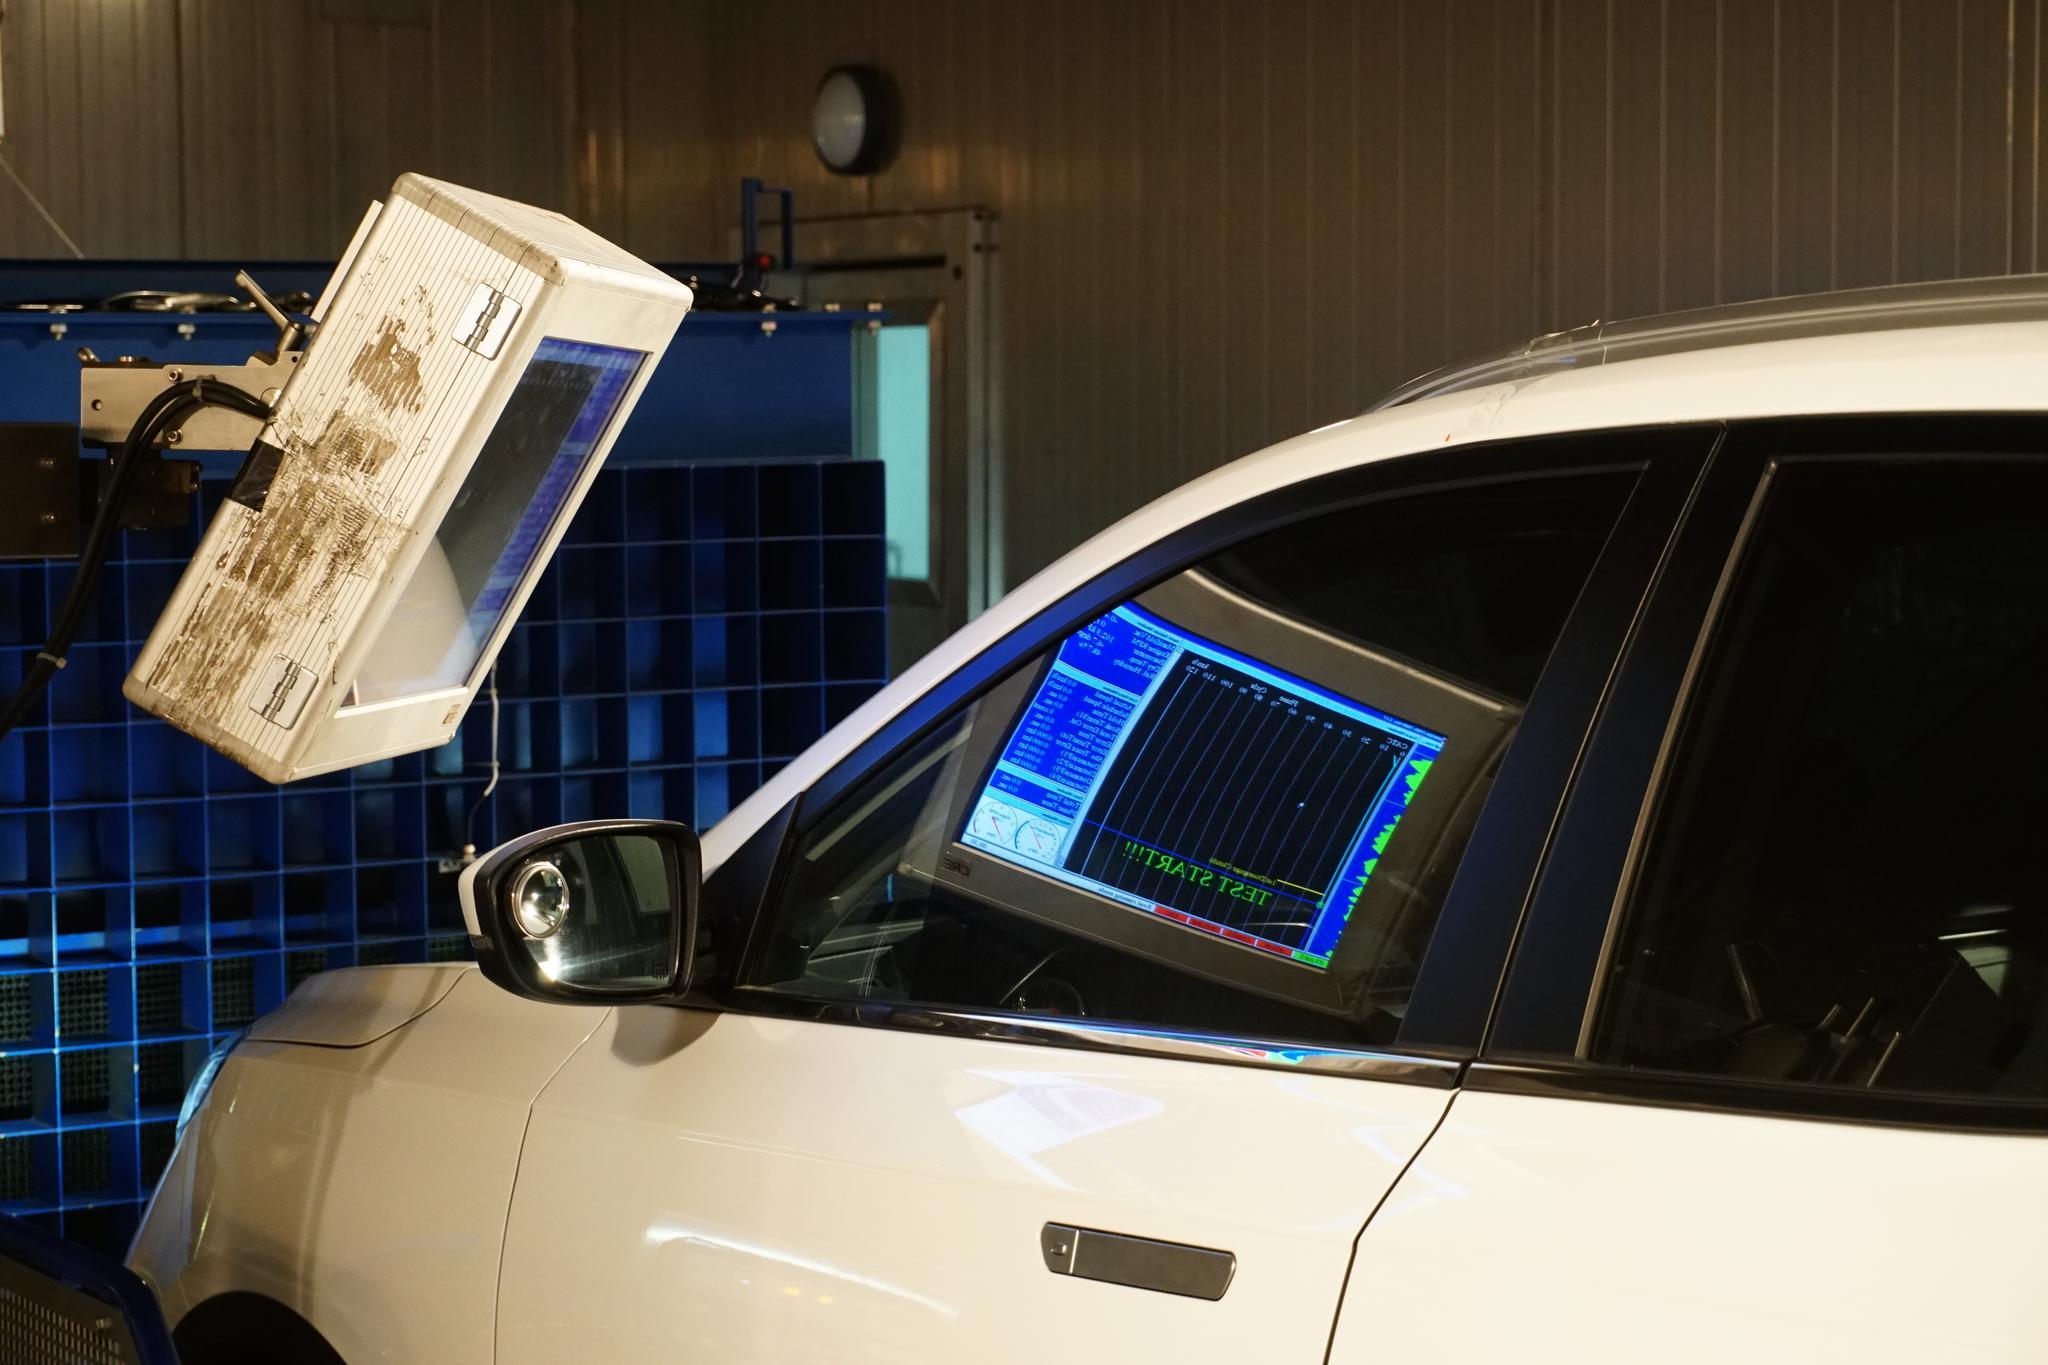 《这车靠谱么》实验室数据采集实拍